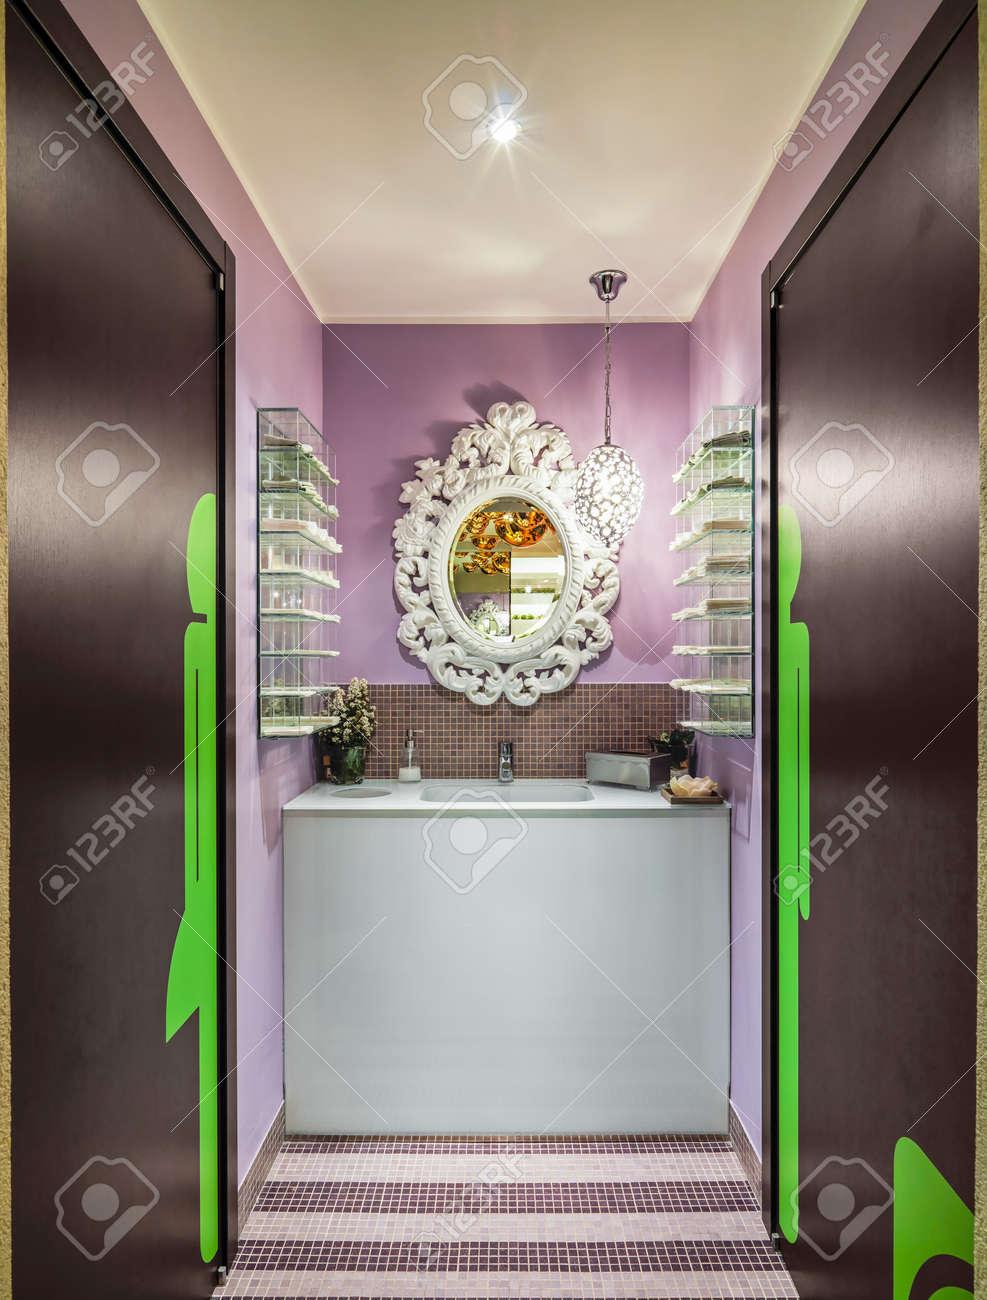 Primo Piano Di Un Lavandino In Bagno Moderno Colorato Foto Royalty ...